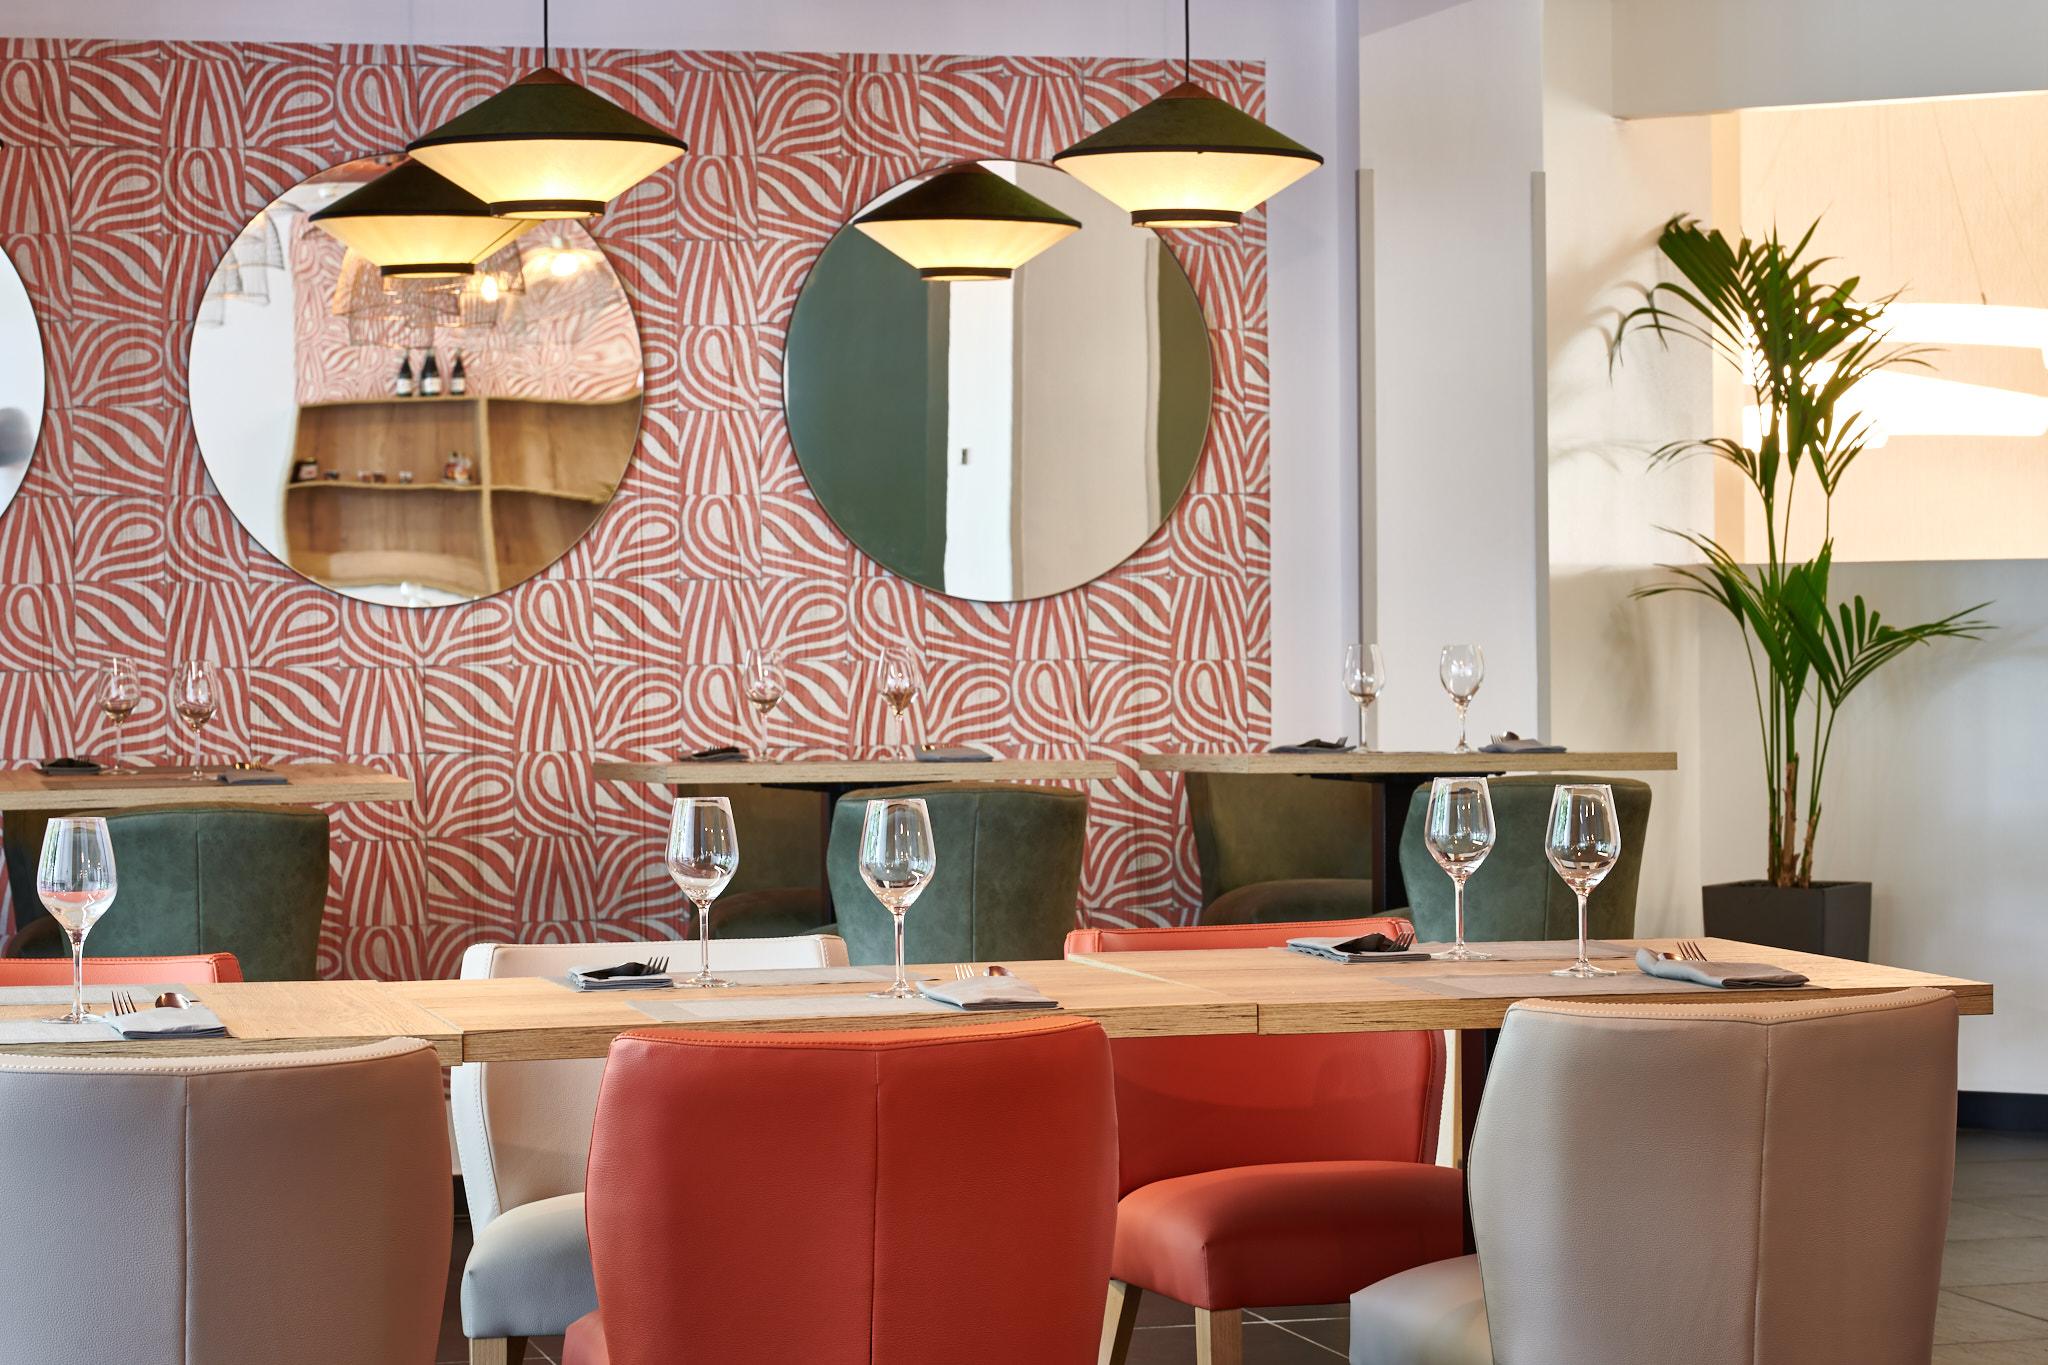 Project designer effet miroir et ambiance cosy dans un hôtel Pays-Basque